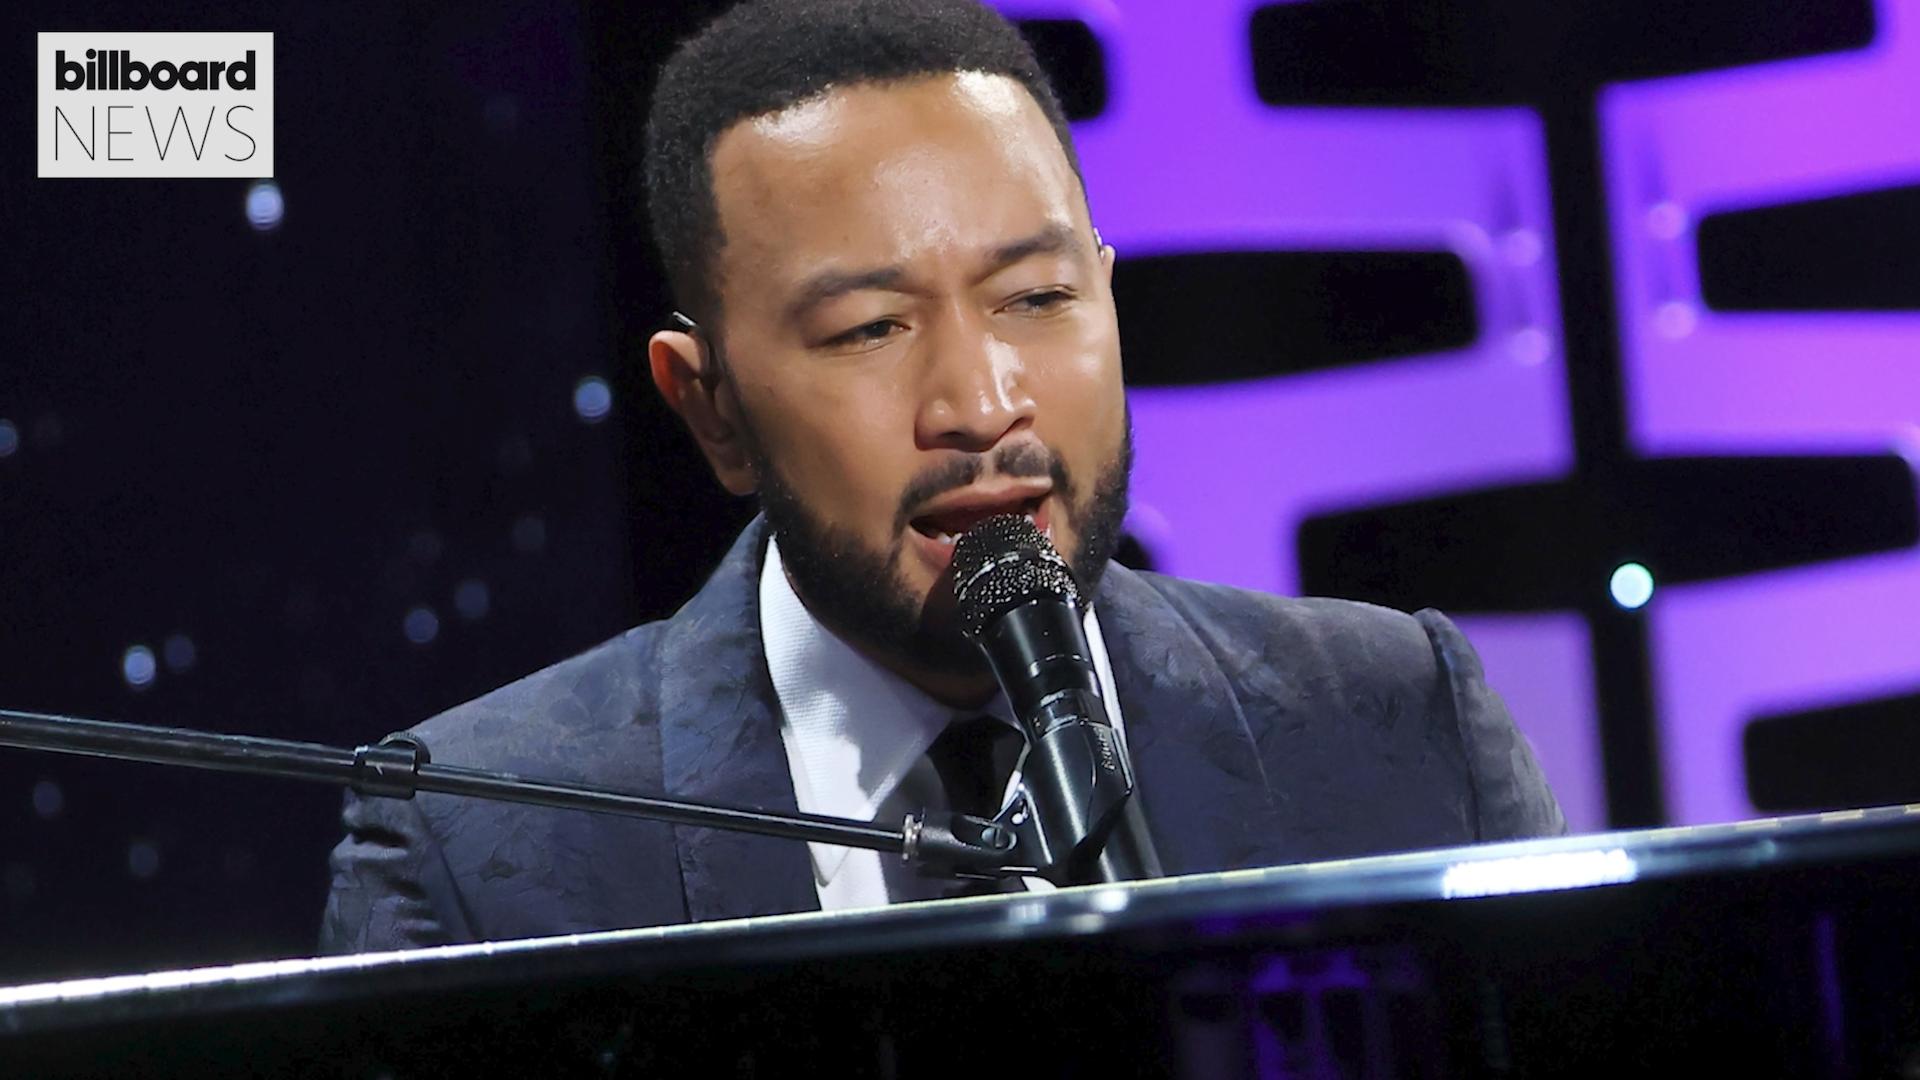 www.billboard.com: John Legend Calls Anti-Asian Violence 'Absolutely Horrible' Following Atlanta Shootings